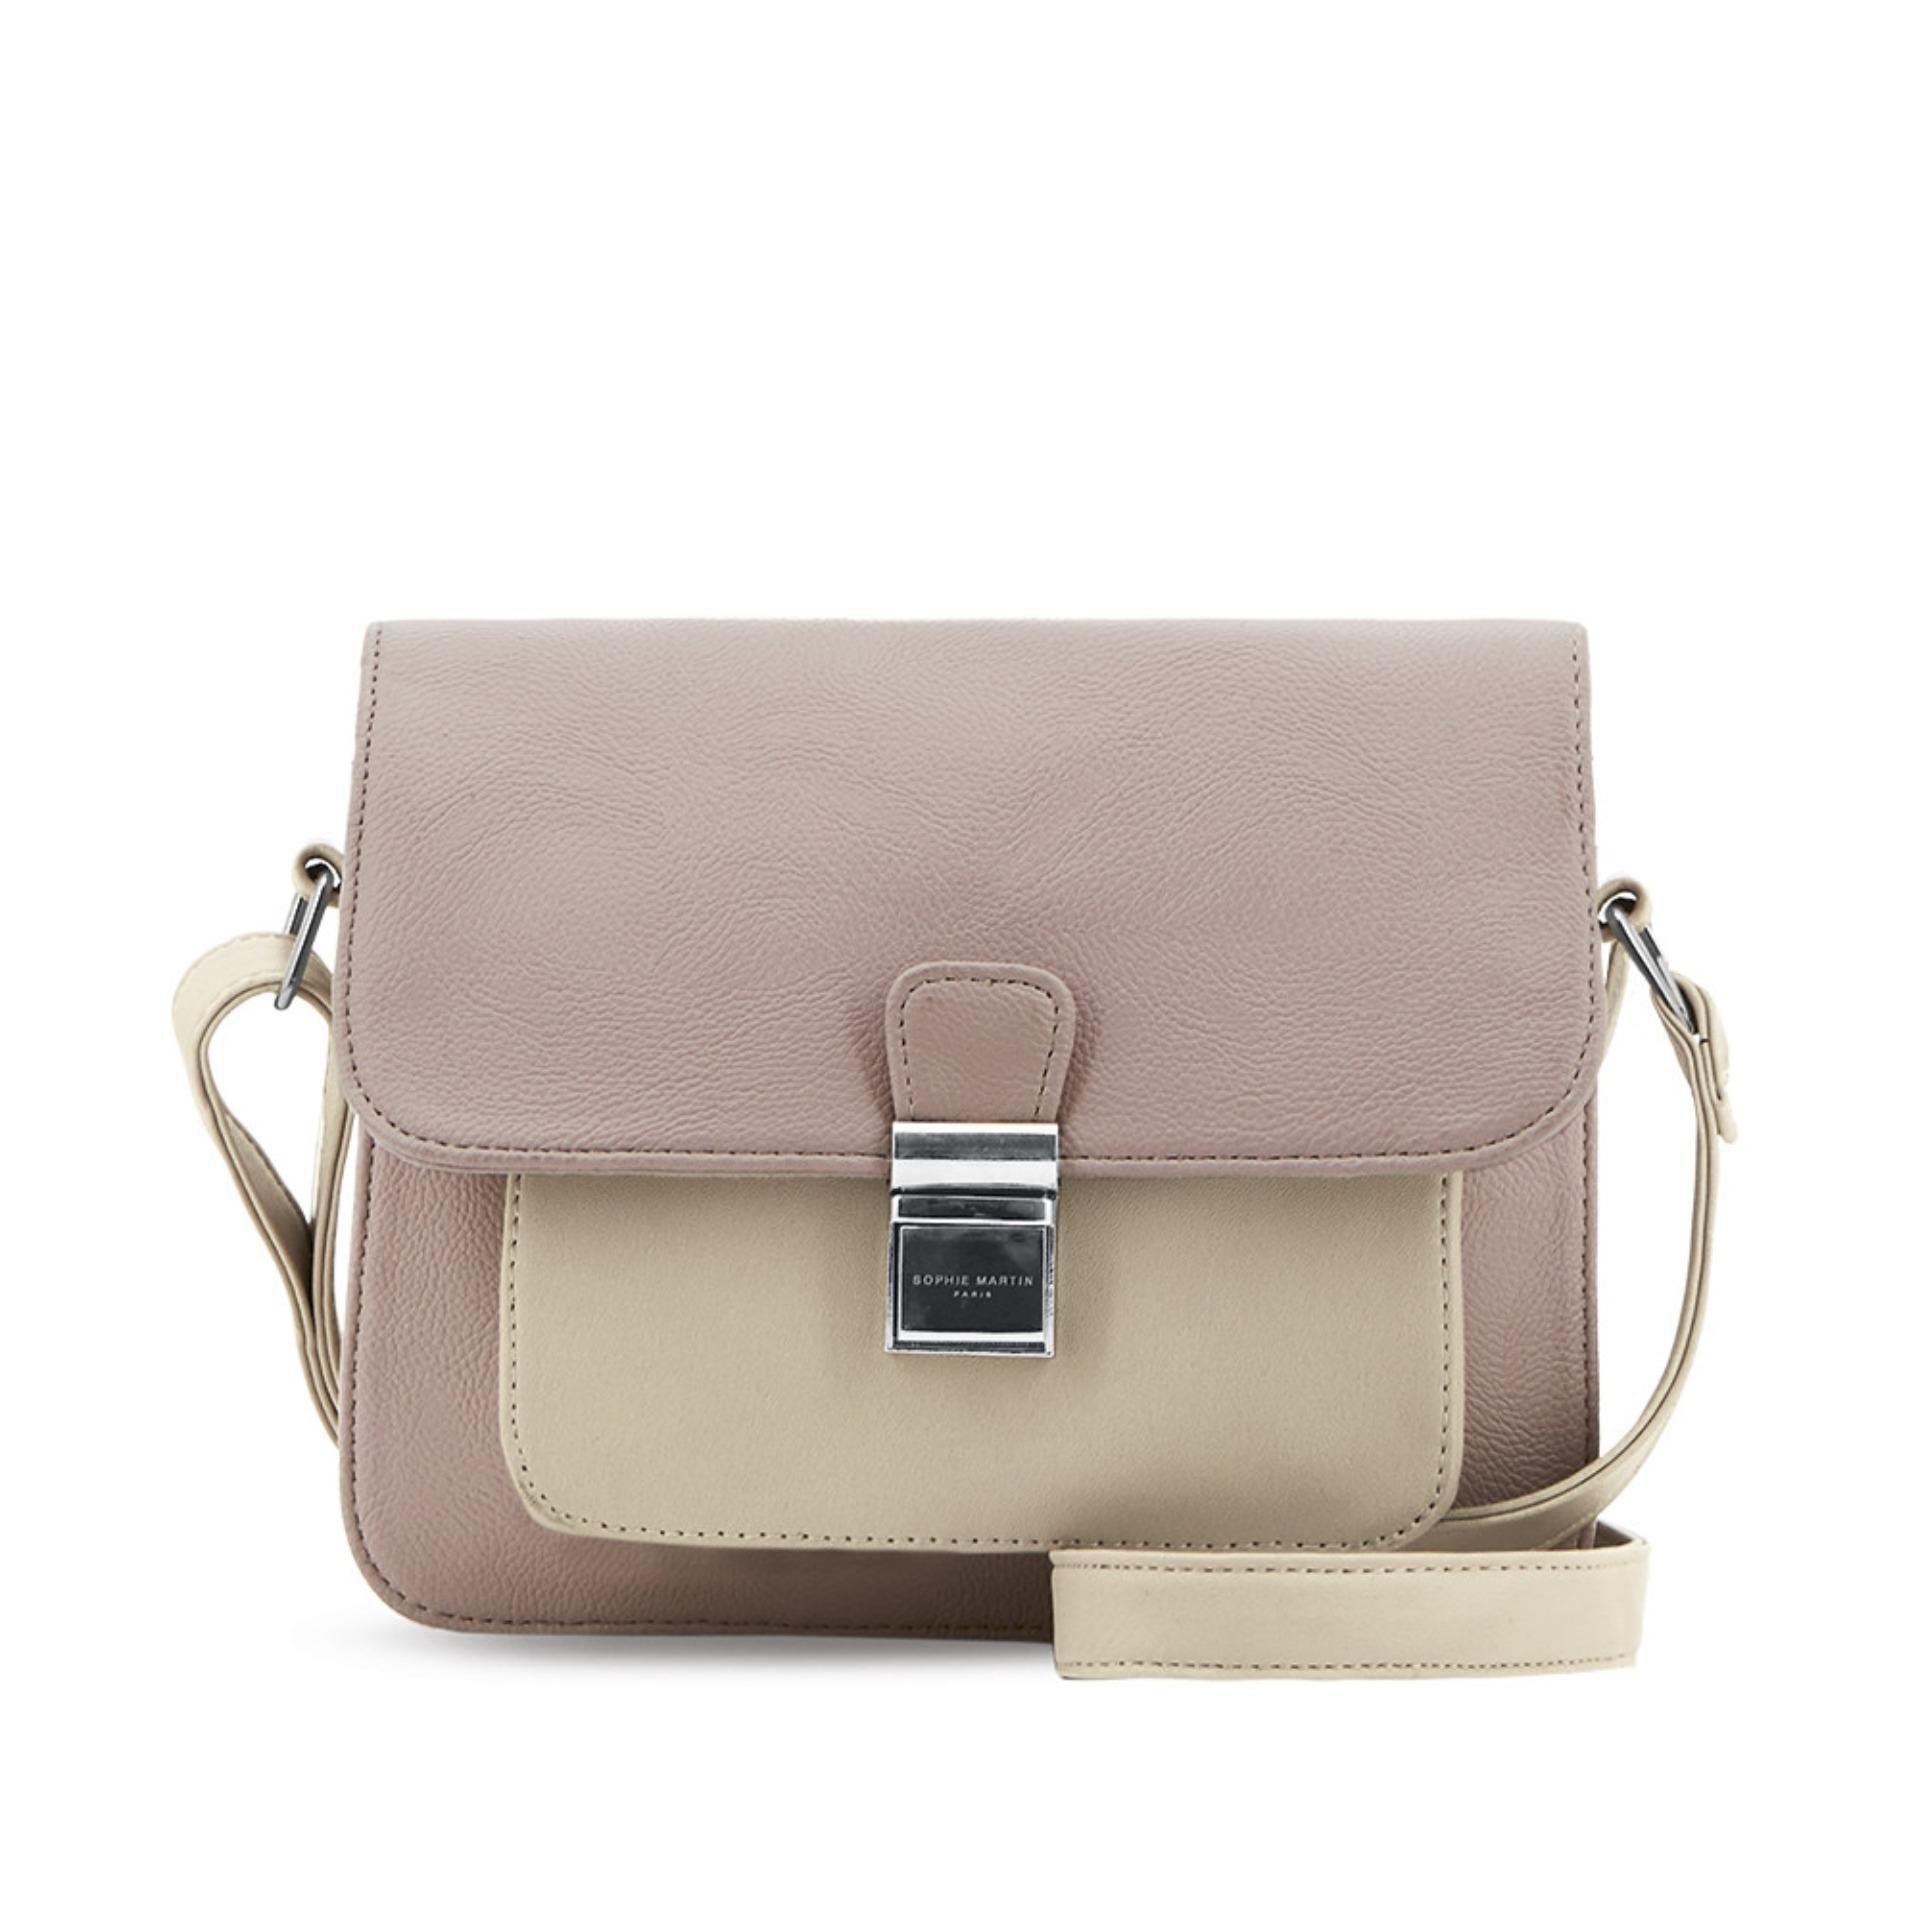 Toko Jual Sophie Paris Tas Wanita Import Branded Bidonville Bag Selempang Kamera Pria Premium Bonnevalis T4244p3 Cokelat